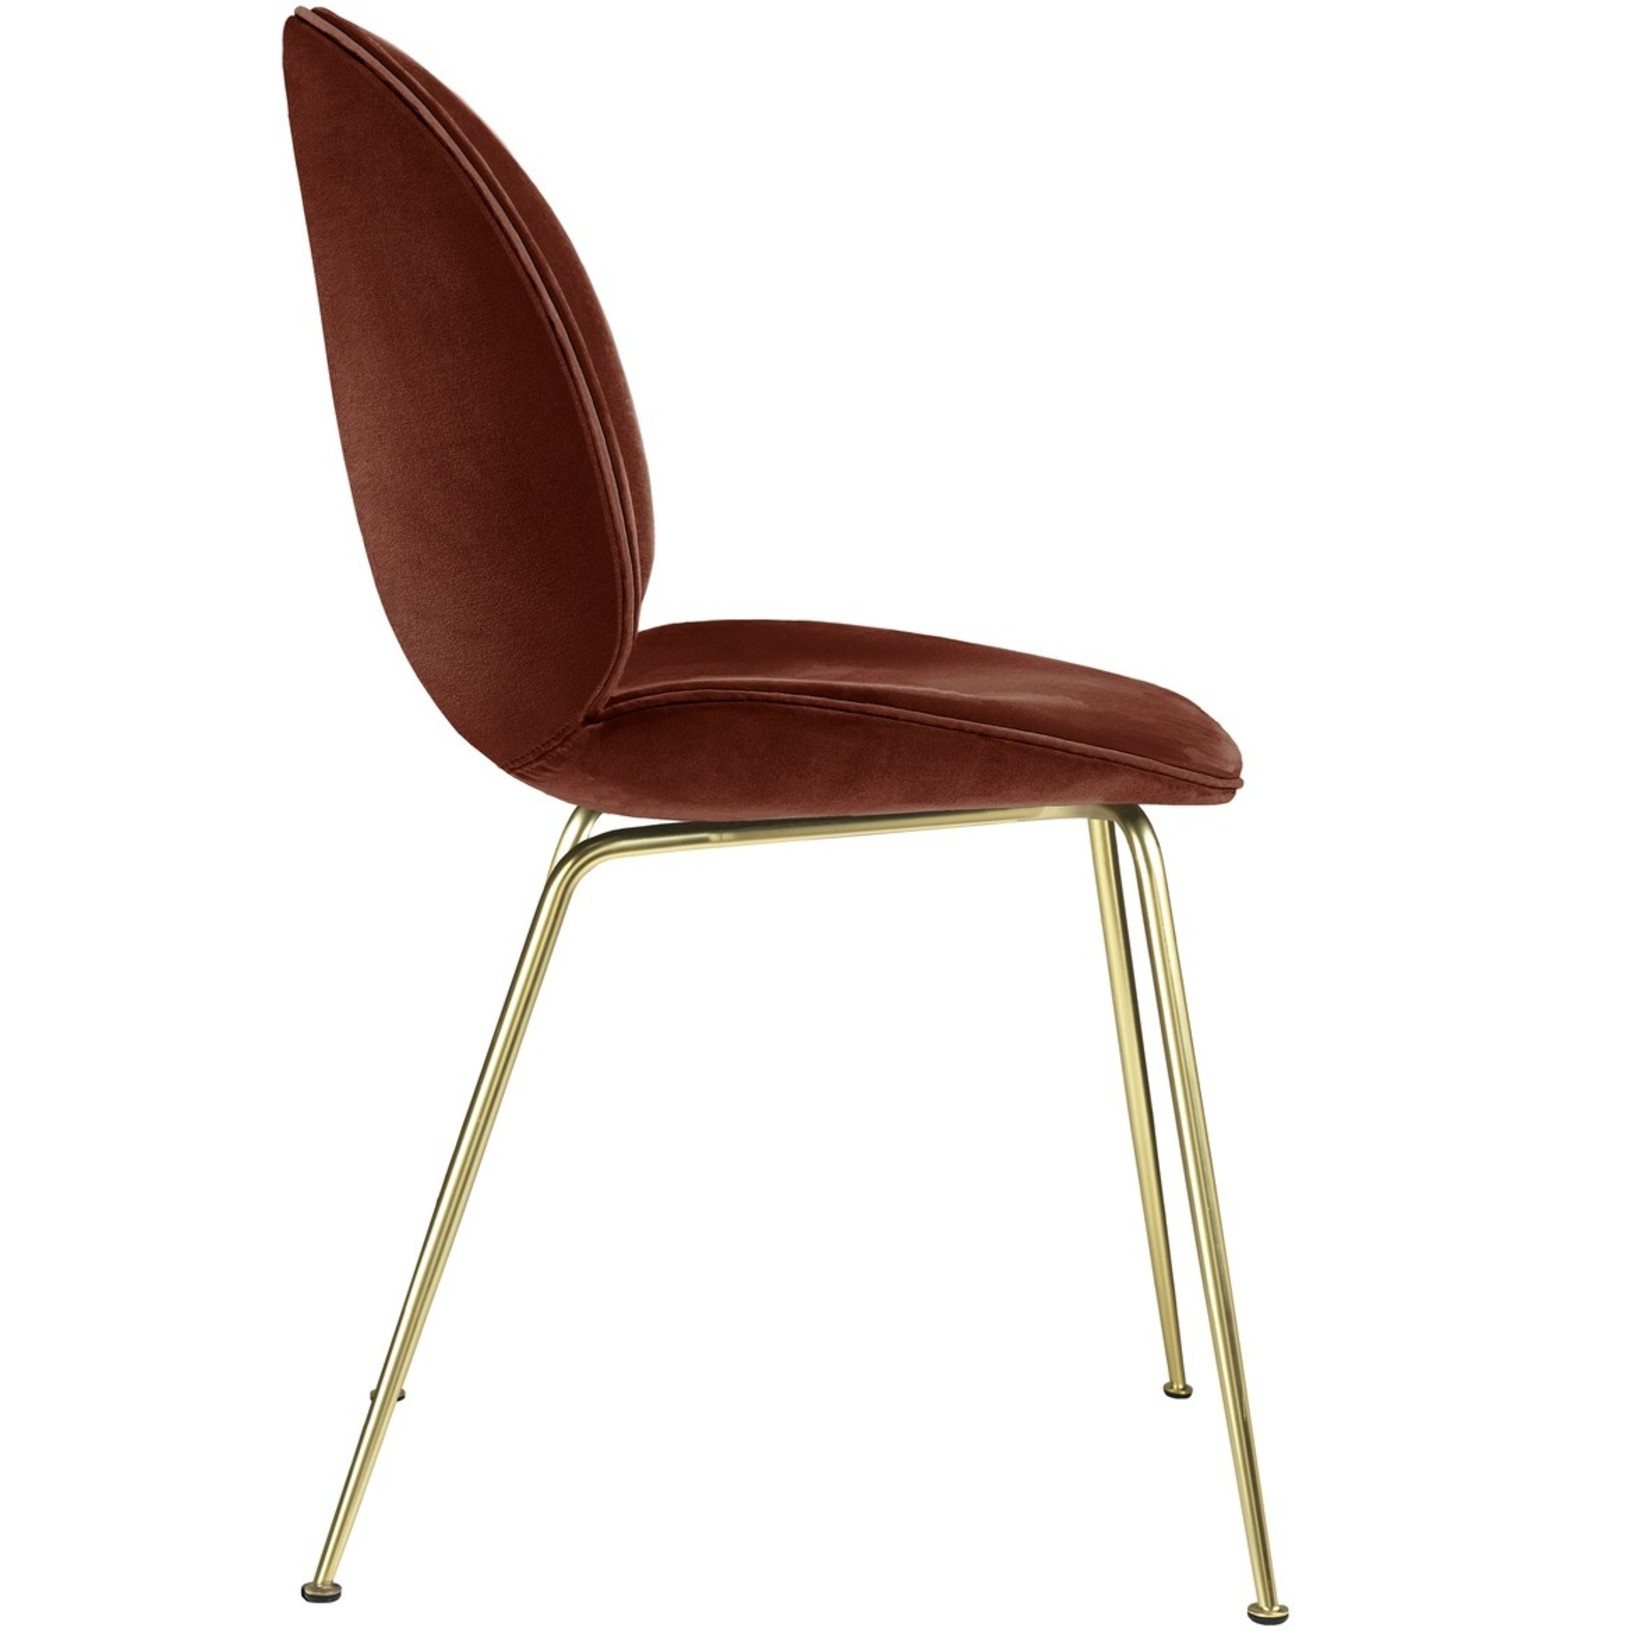 Gubi Beetle Dining Chair | Rusty Red & Brass Semi Matt Base